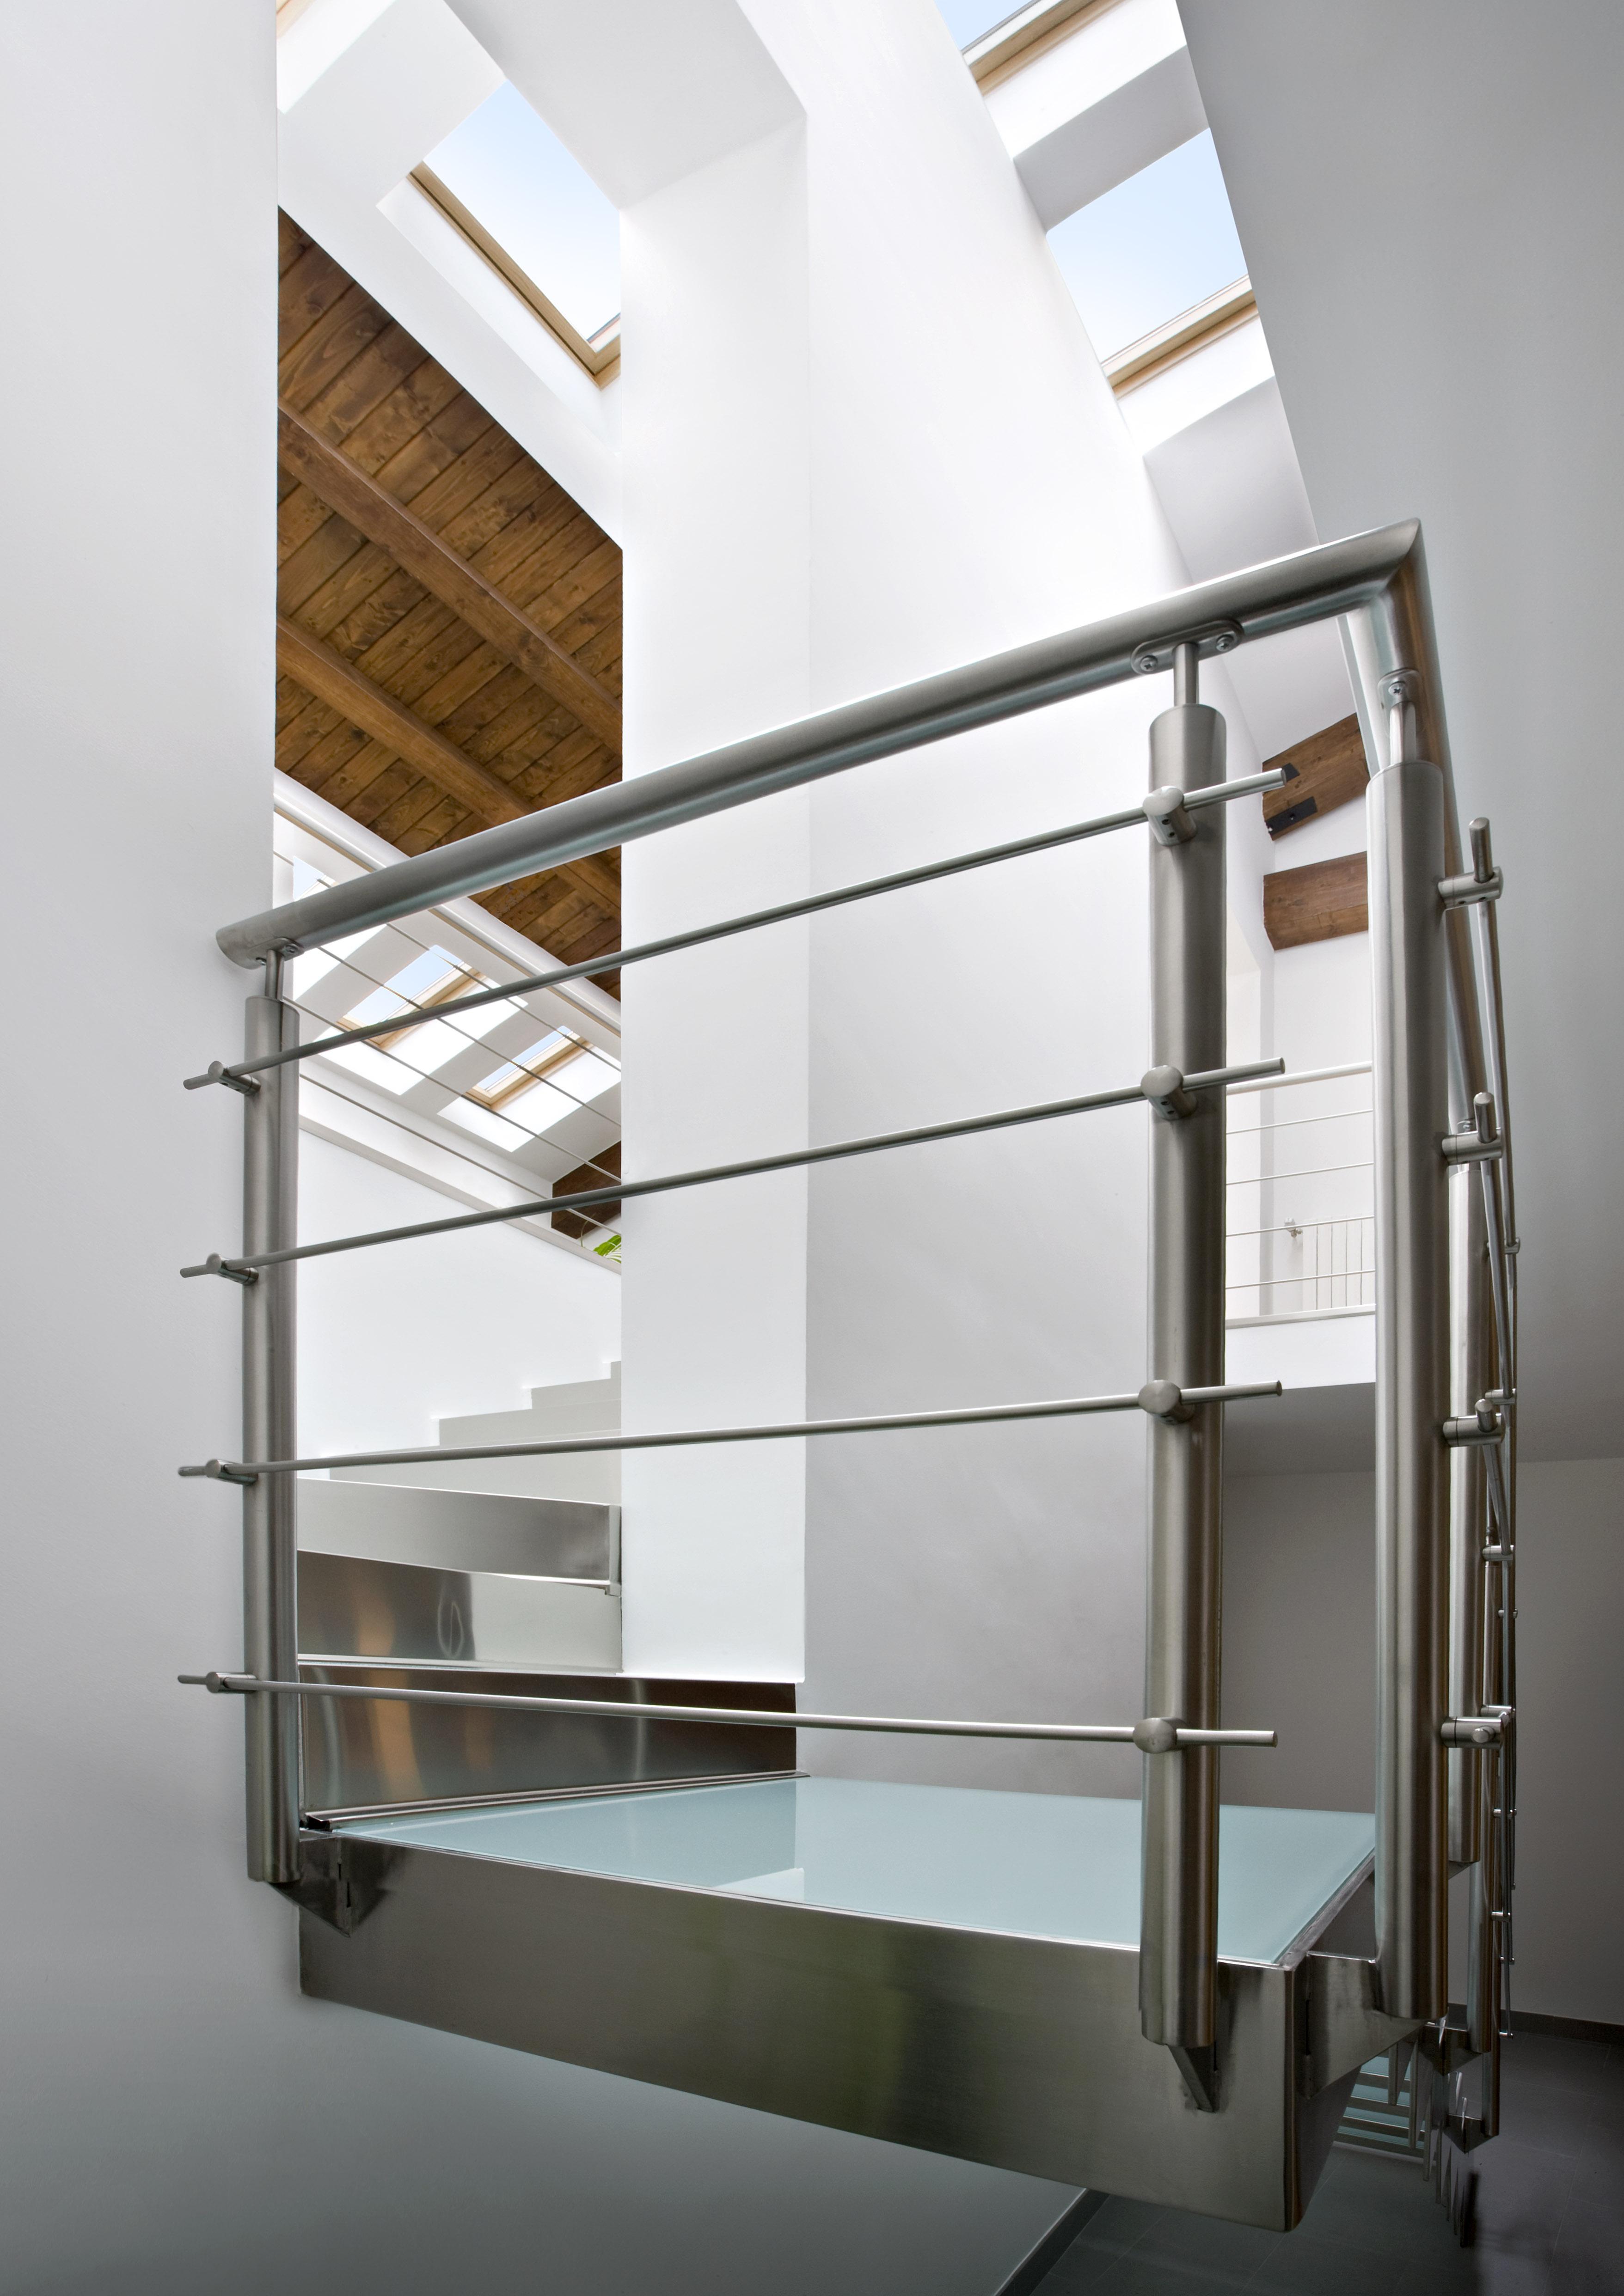 La scala con le finestre sul tetto